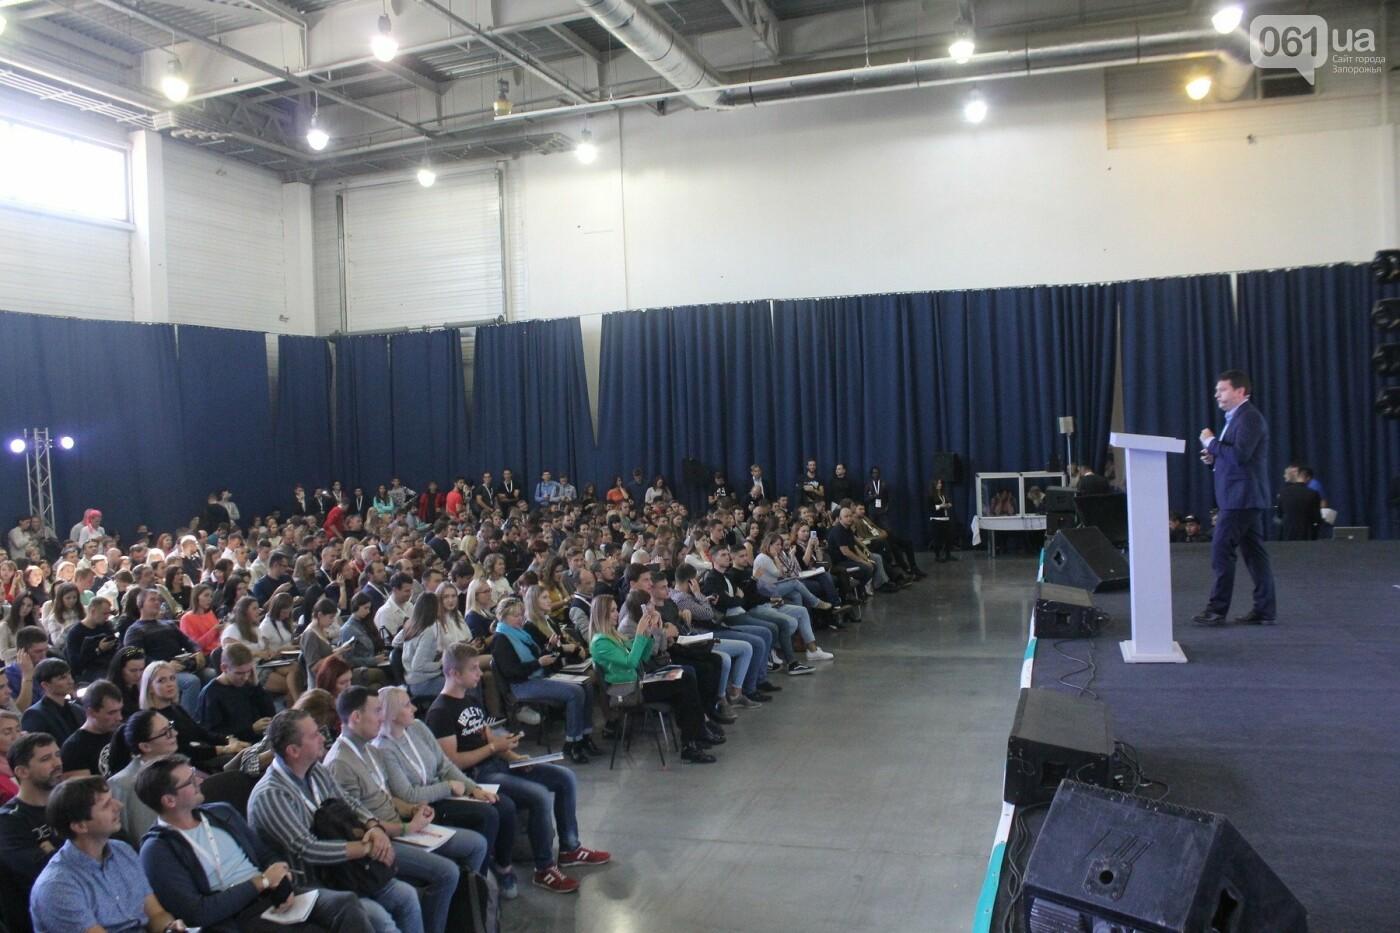 Роботы, киберспорт и спикеры-иностранцы: в Запорожье начался International IT Forum, – ФОТОРЕПОРТАЖ, фото-19